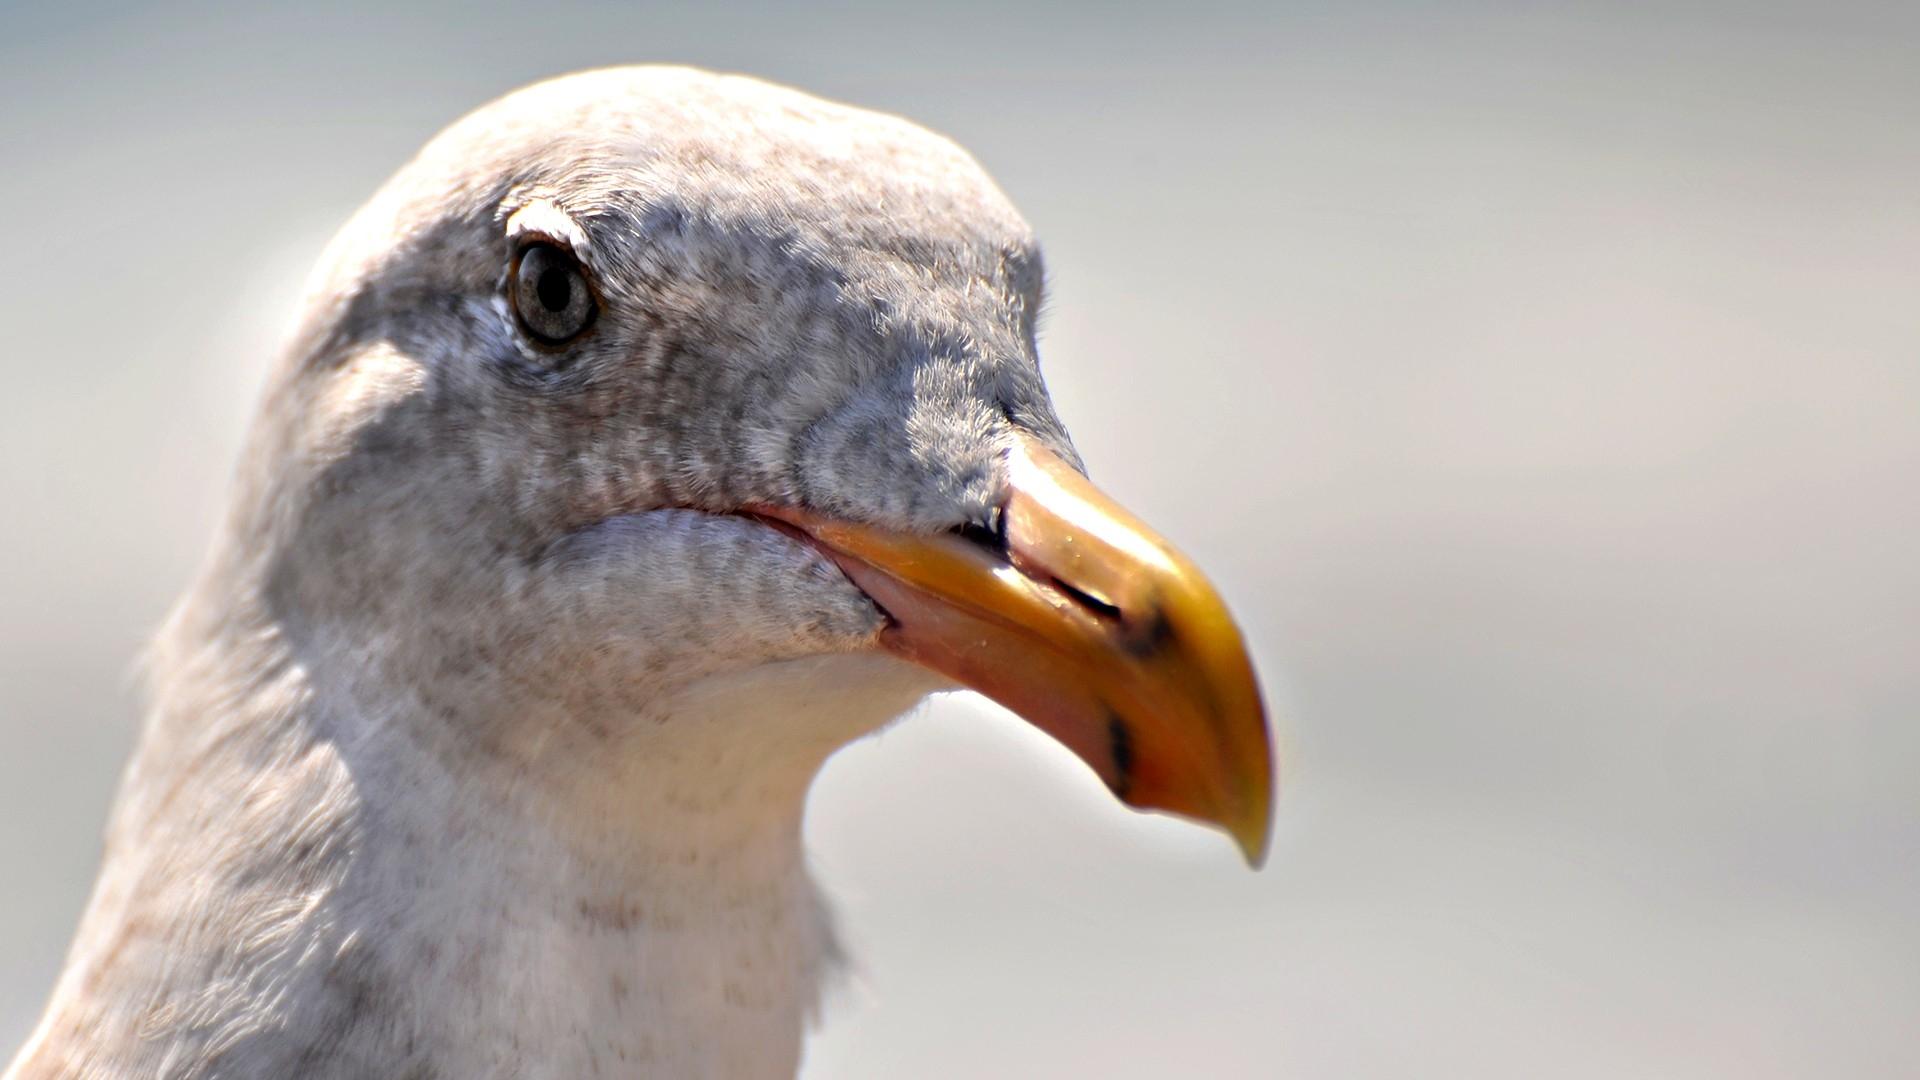 Seagull Bird Close-Up